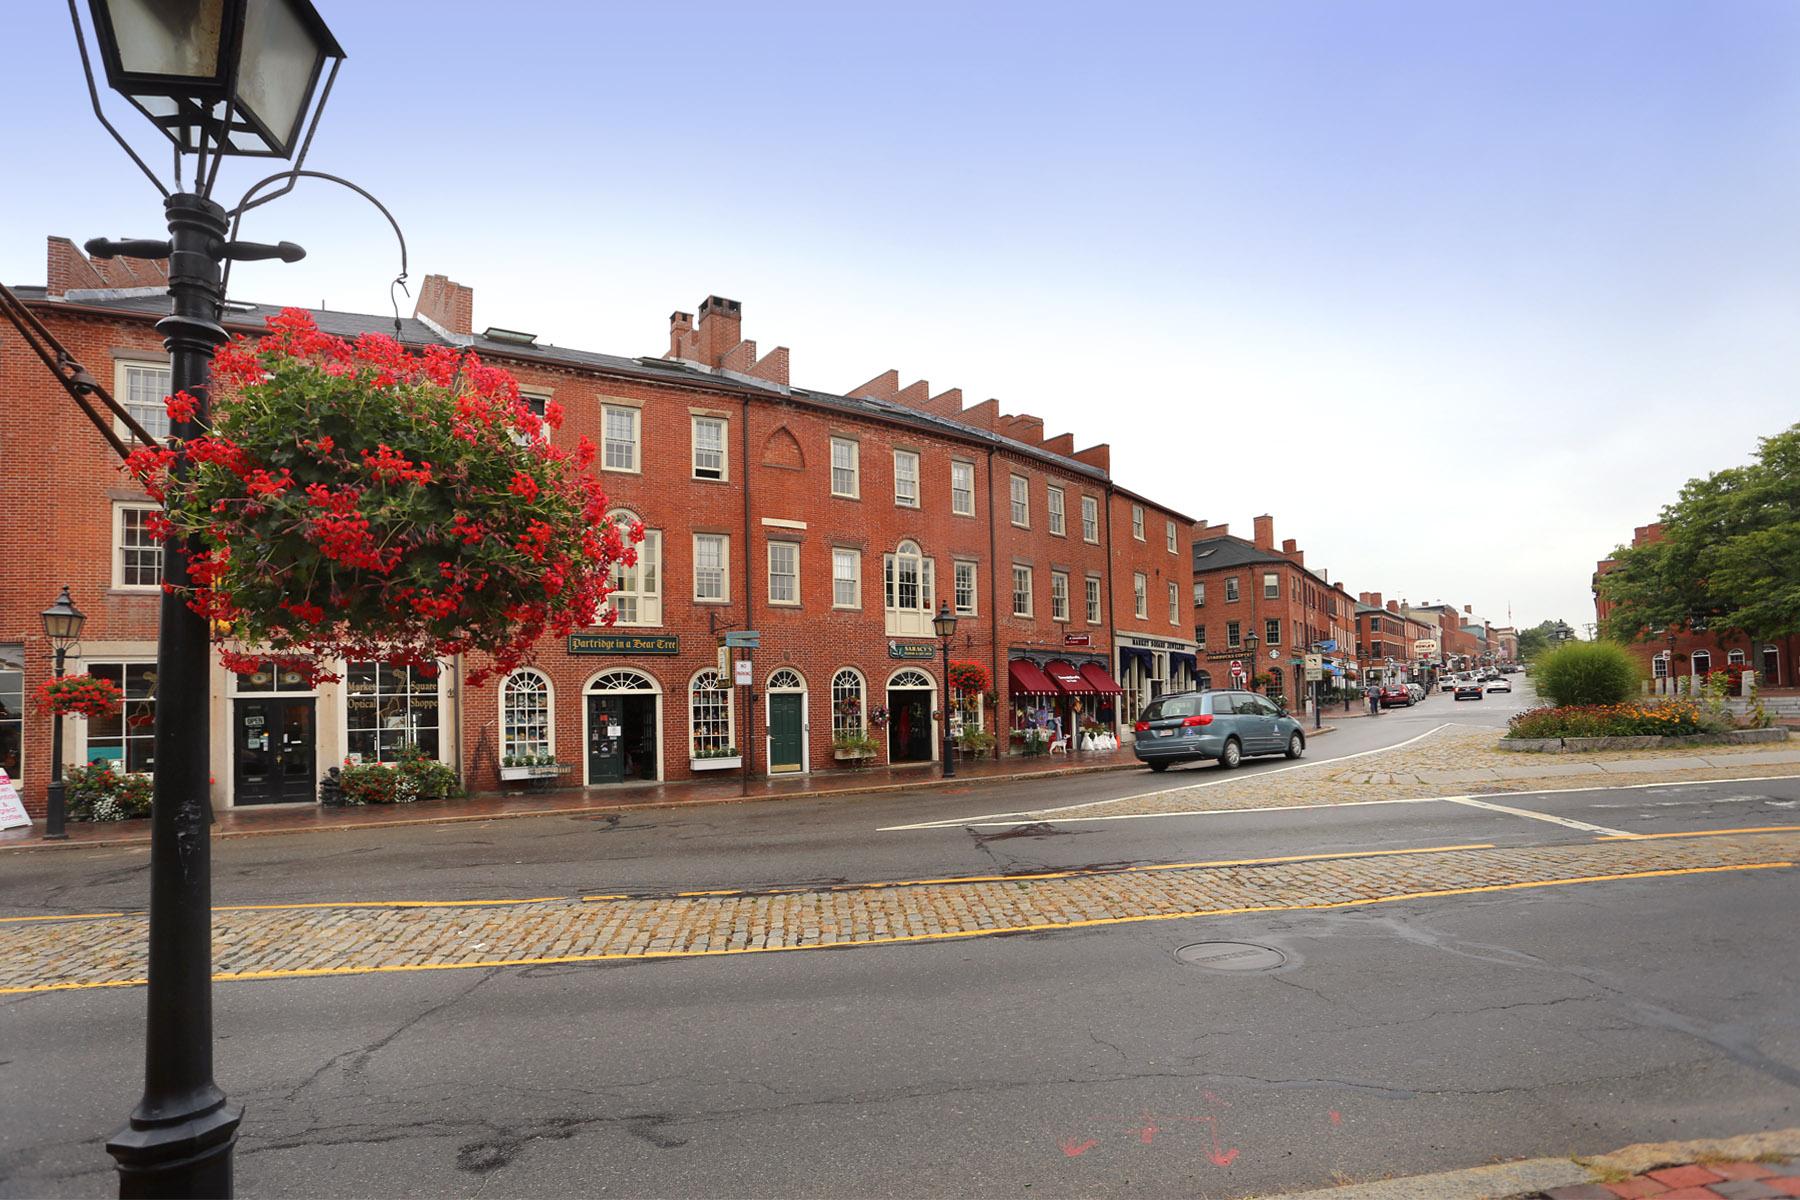 Market Square, Newburyport  - Staging